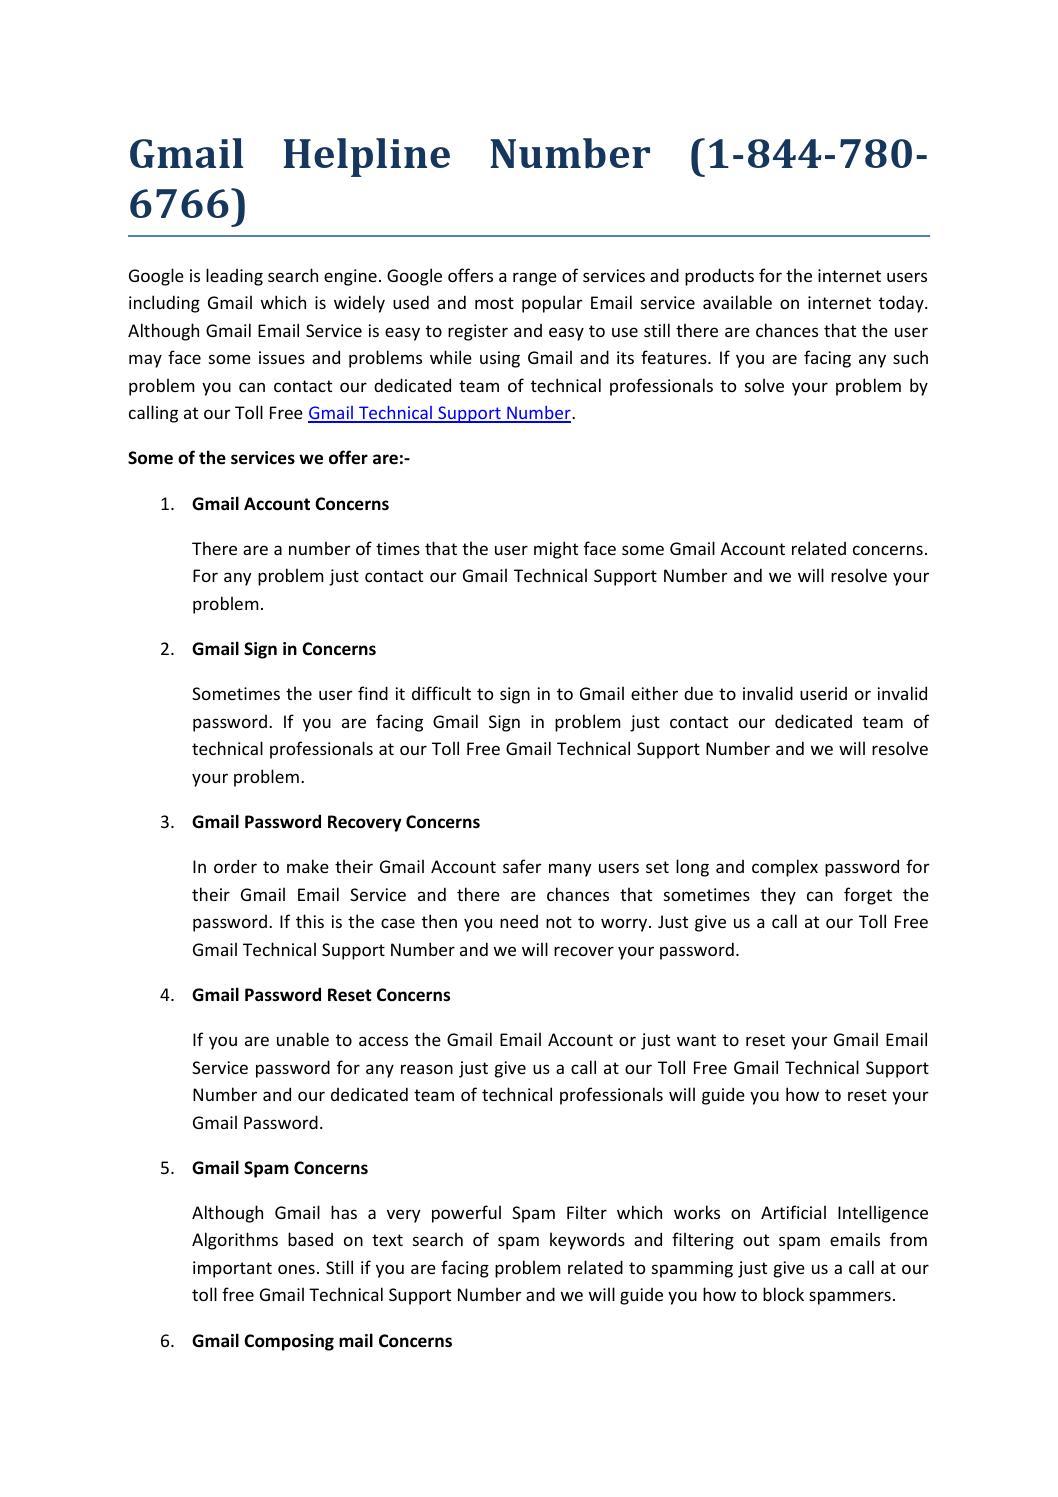 Gmail helpline number 1-844-780-6766 by Anna Doris - issuu